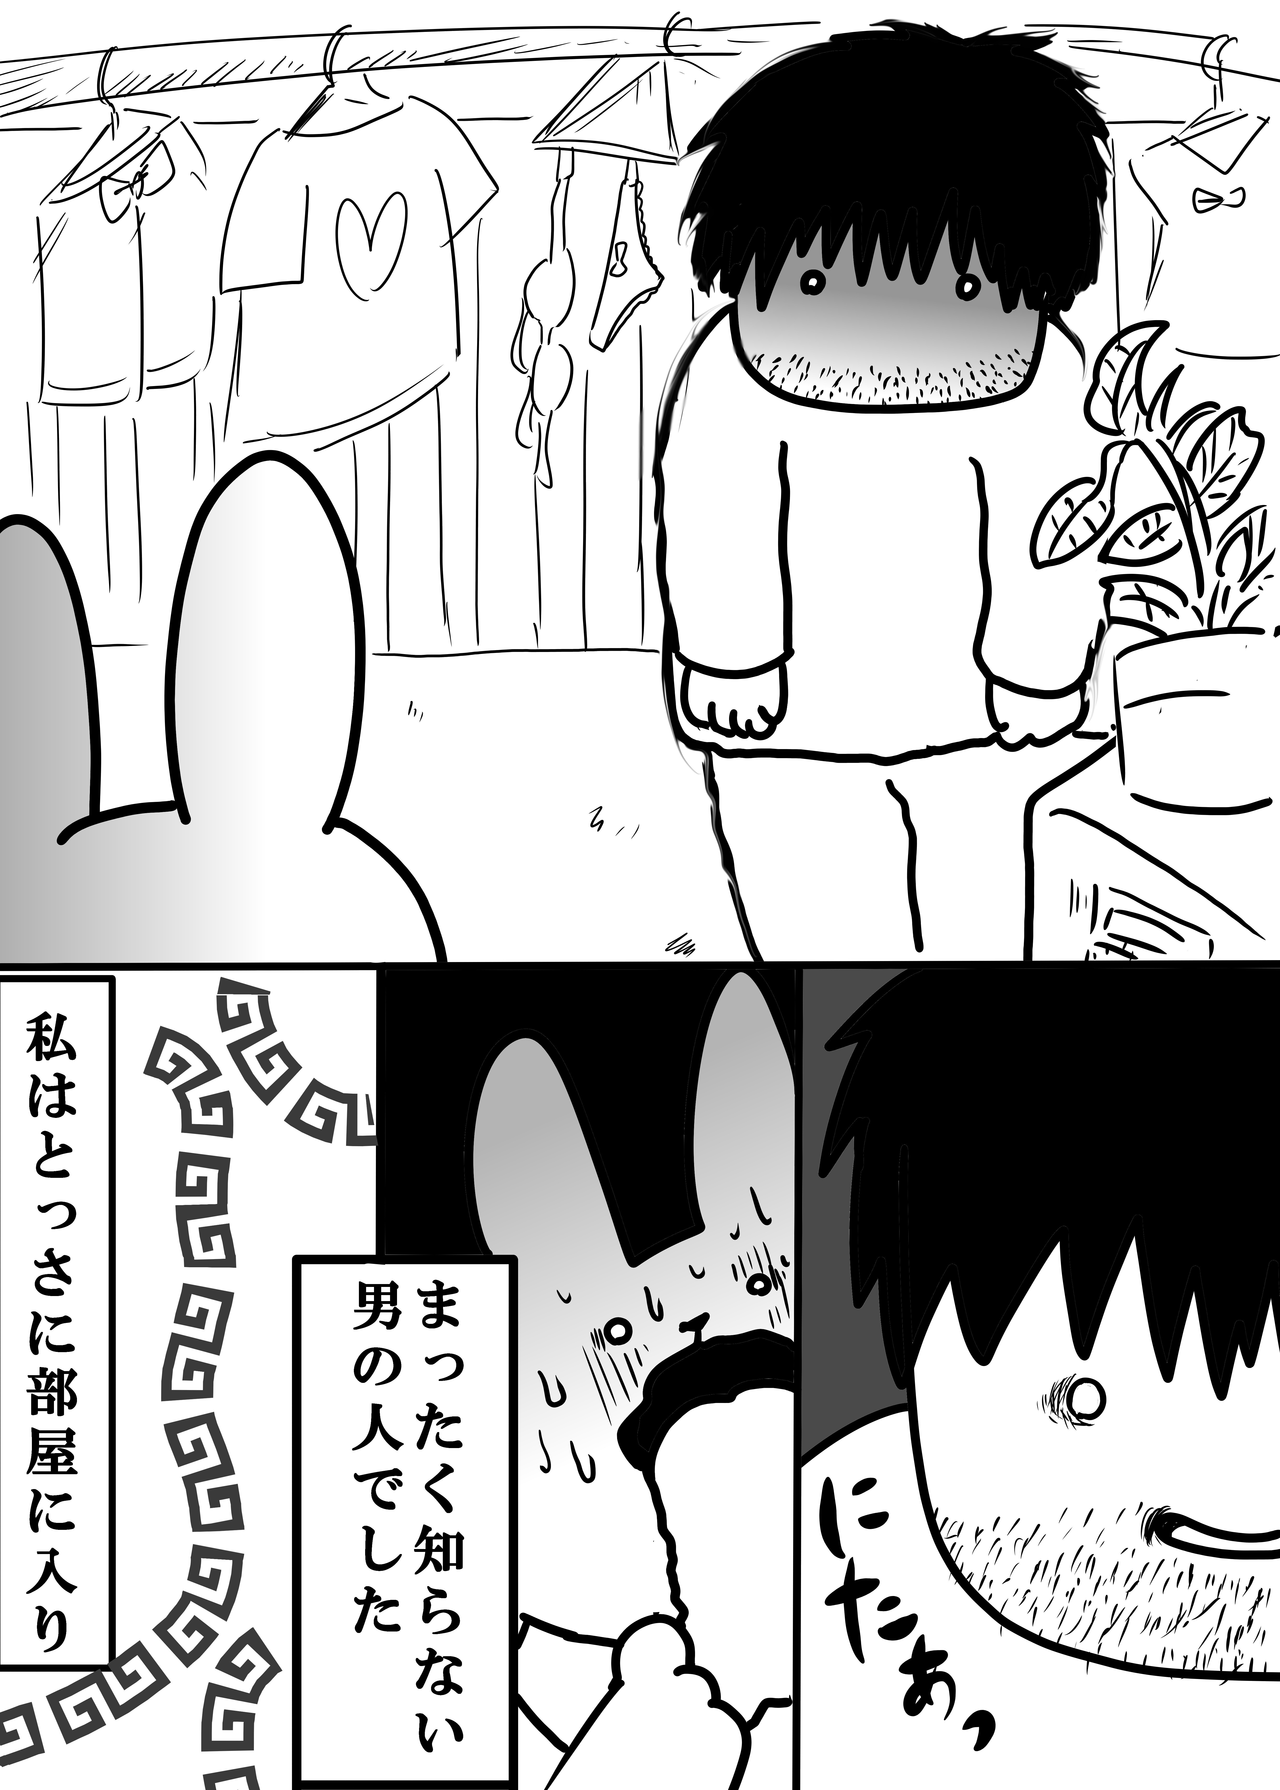 する 漫画 ゾッと 話